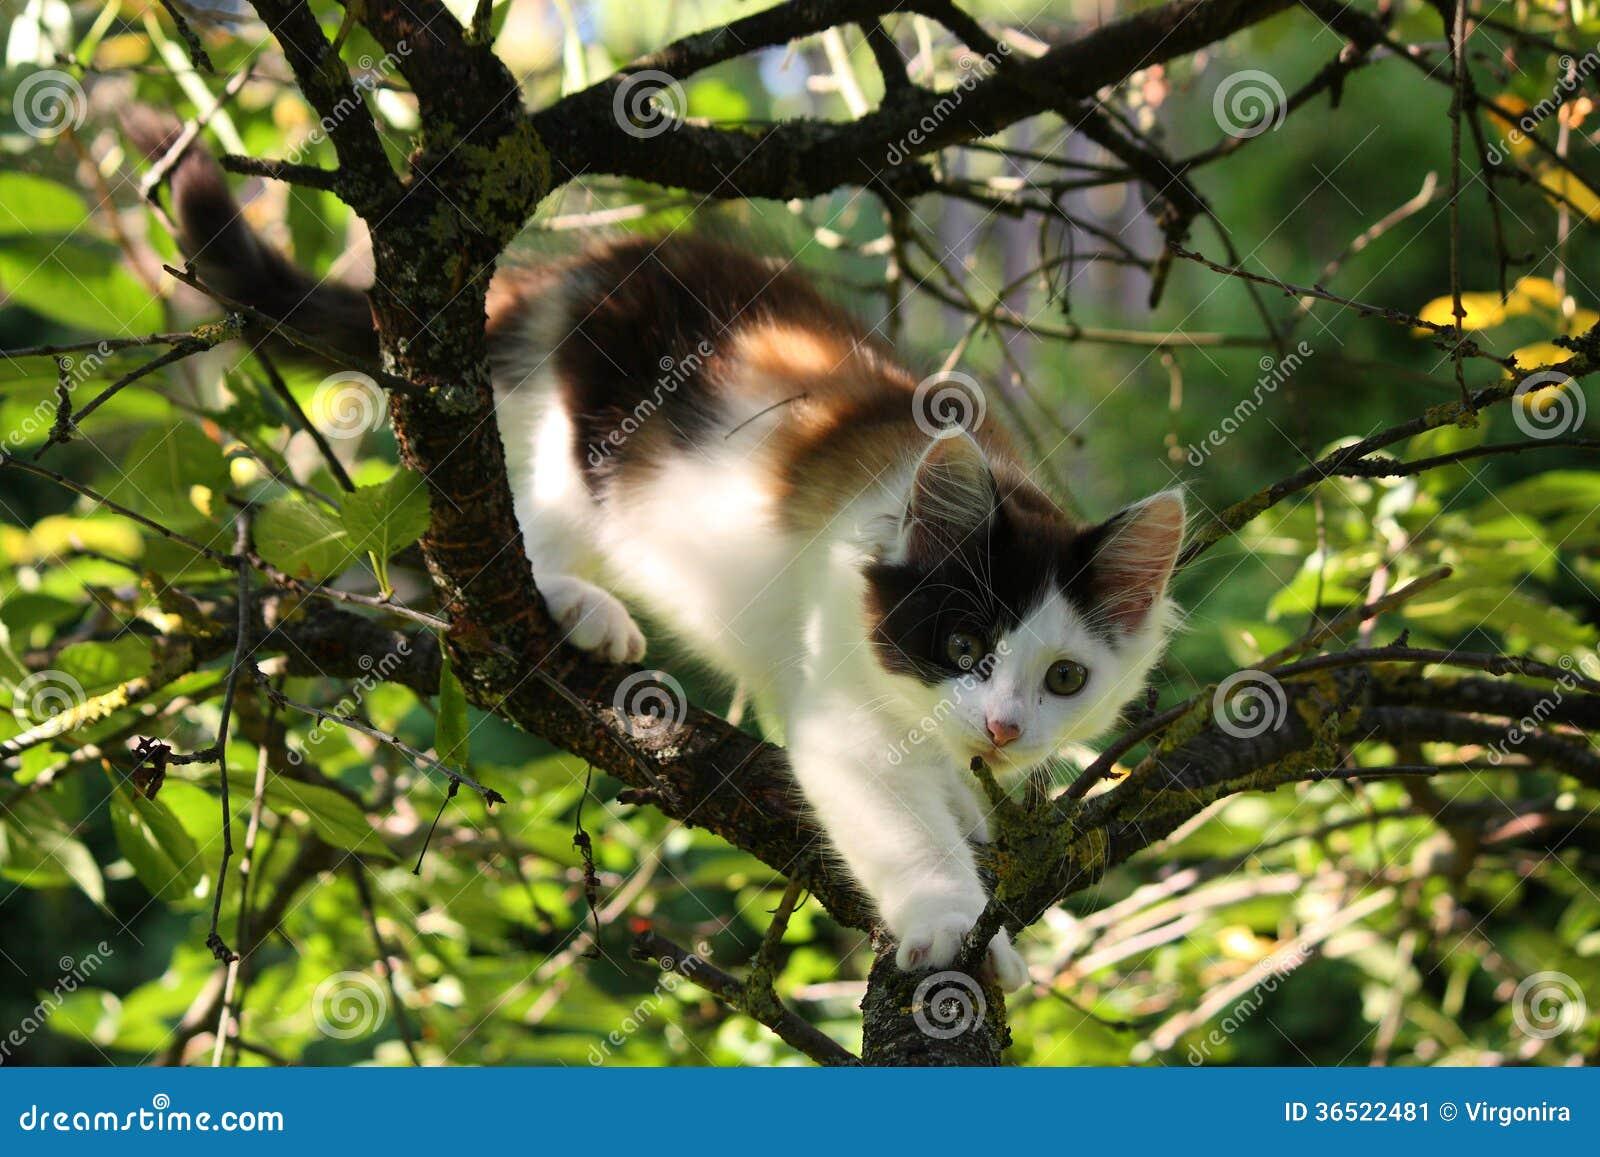 Trois mignons ont coloré le chaton rongeant sur la branche d arbre